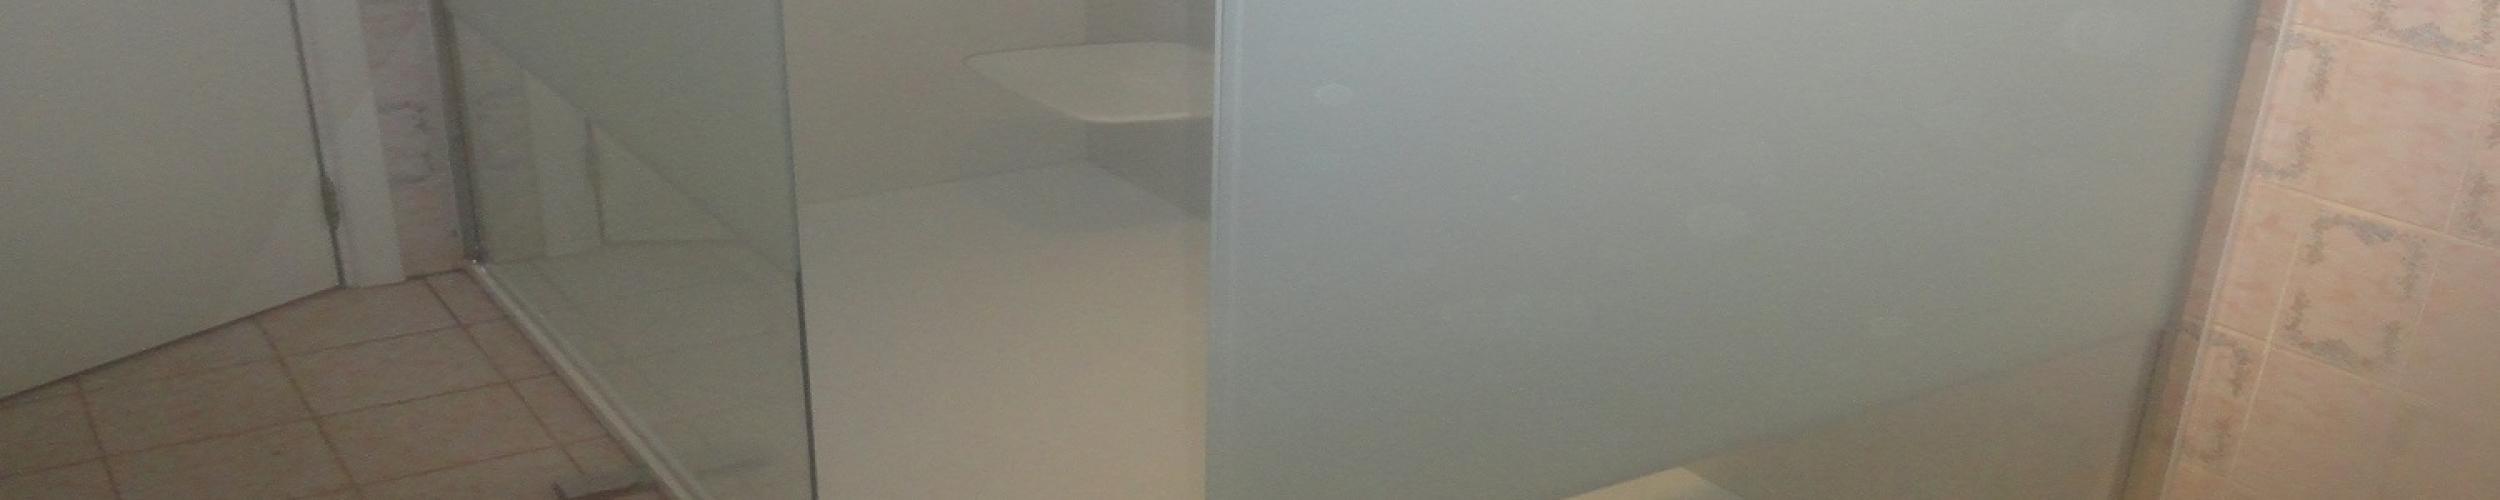 Snelle oplossing om uw bad te vervangen door een douche !